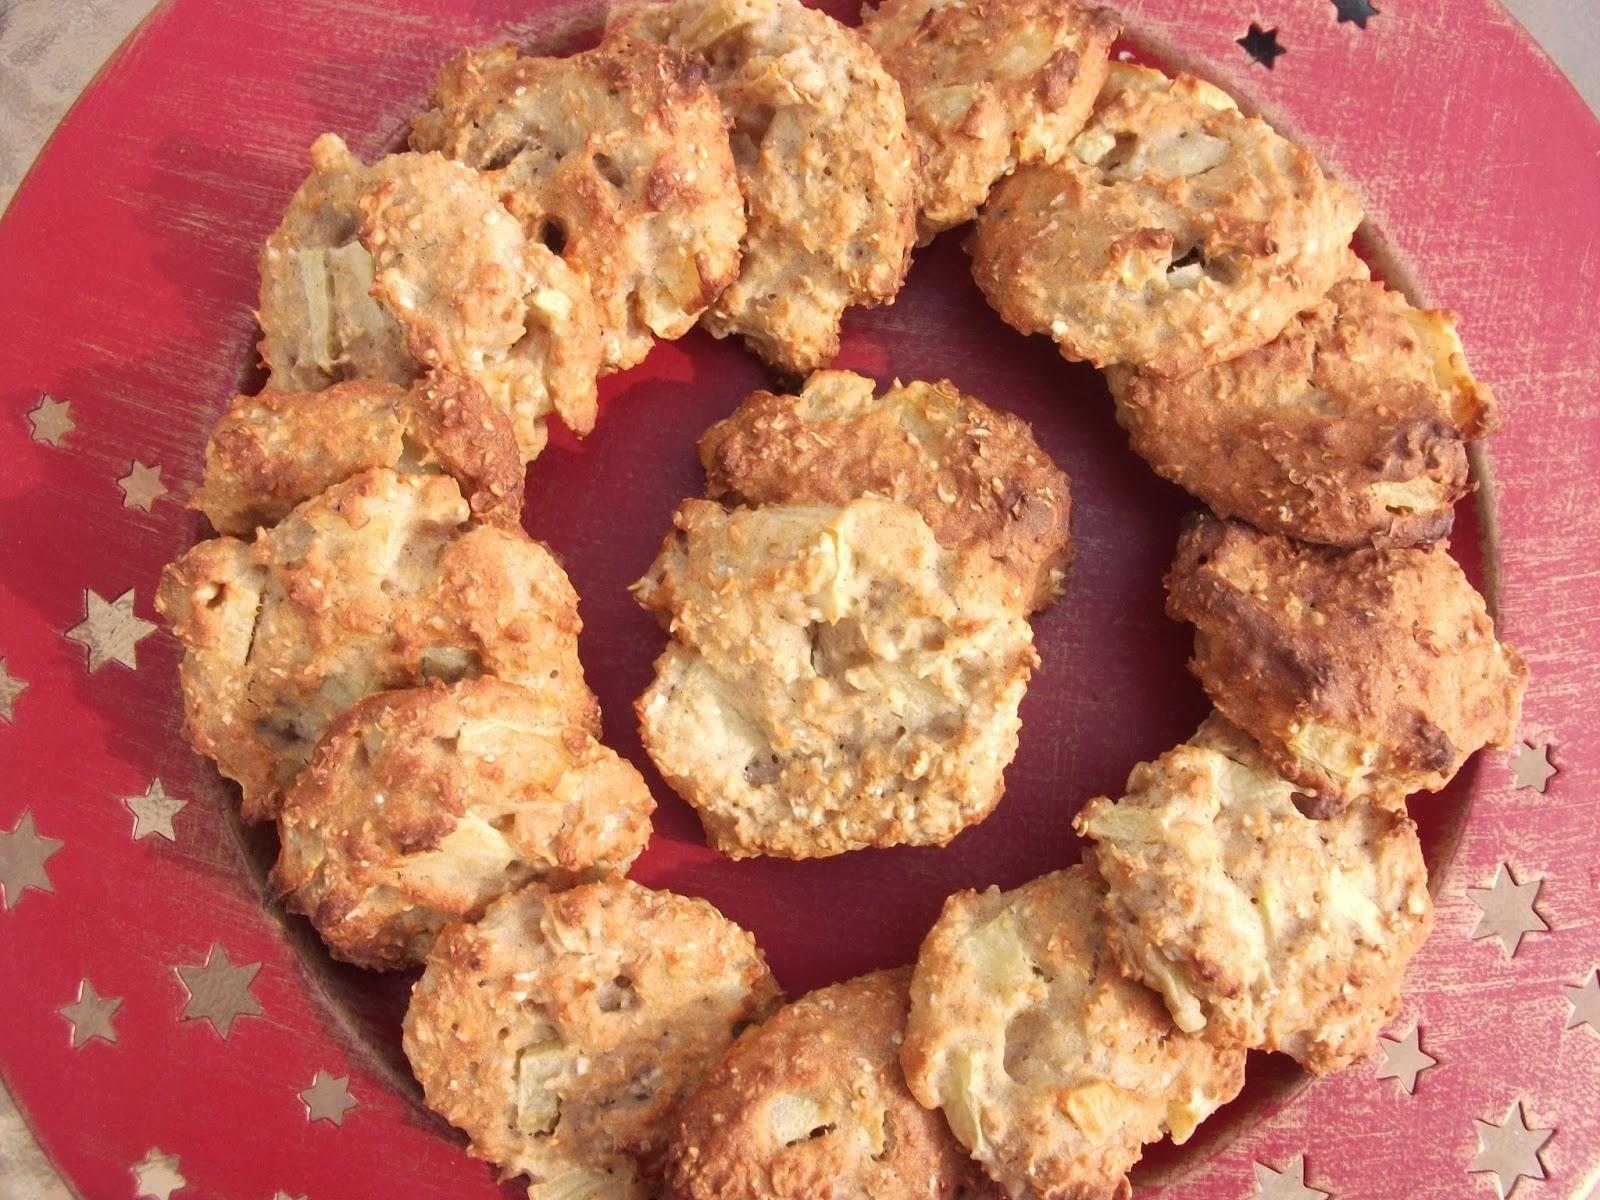 Receta galletas avena y manzana